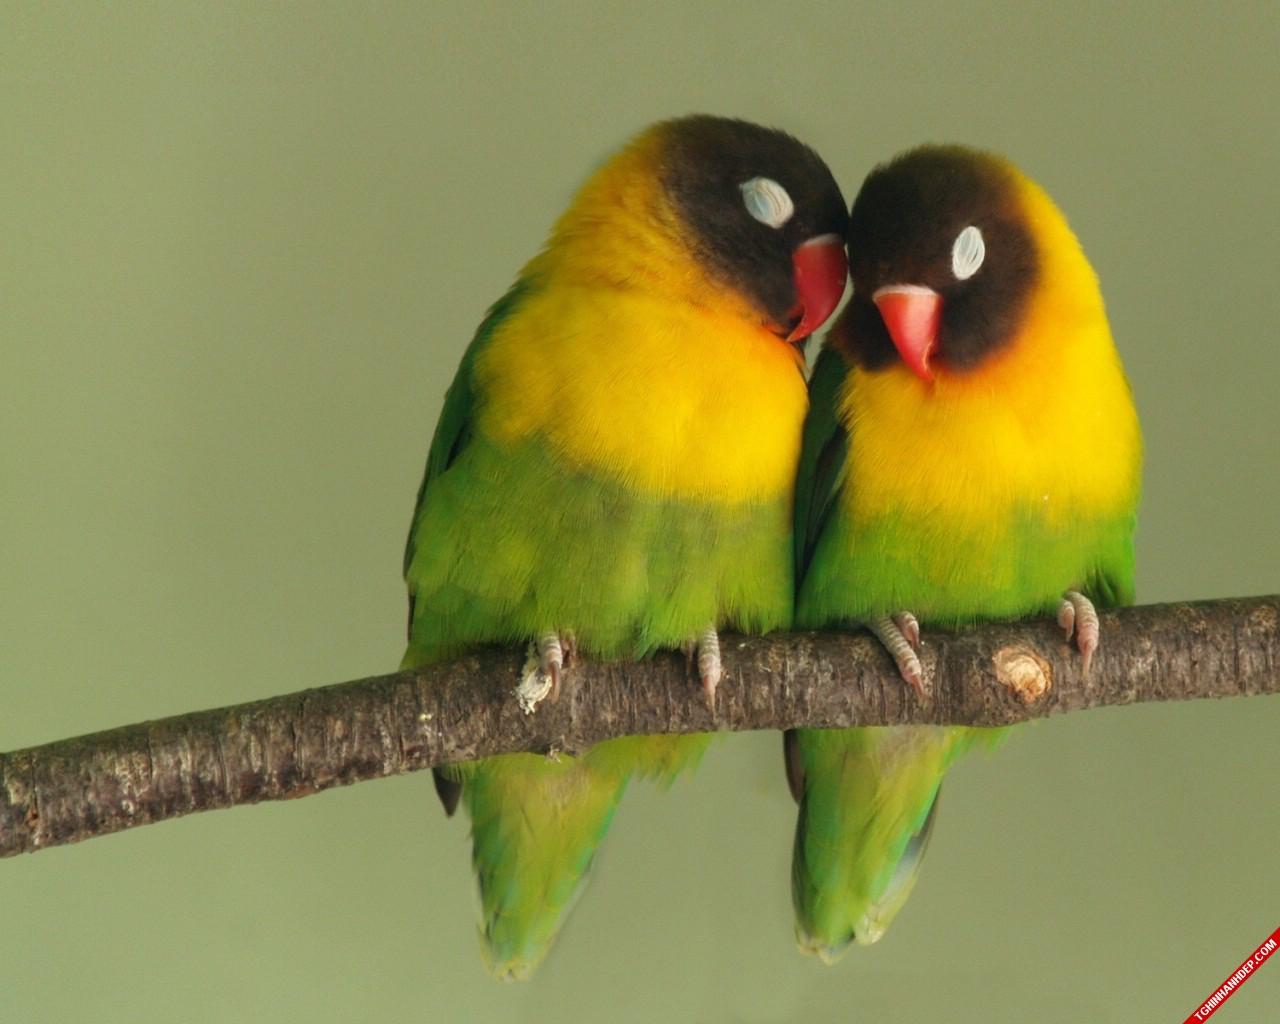 Những khoảnh khắc siêu cute của các loài động vật